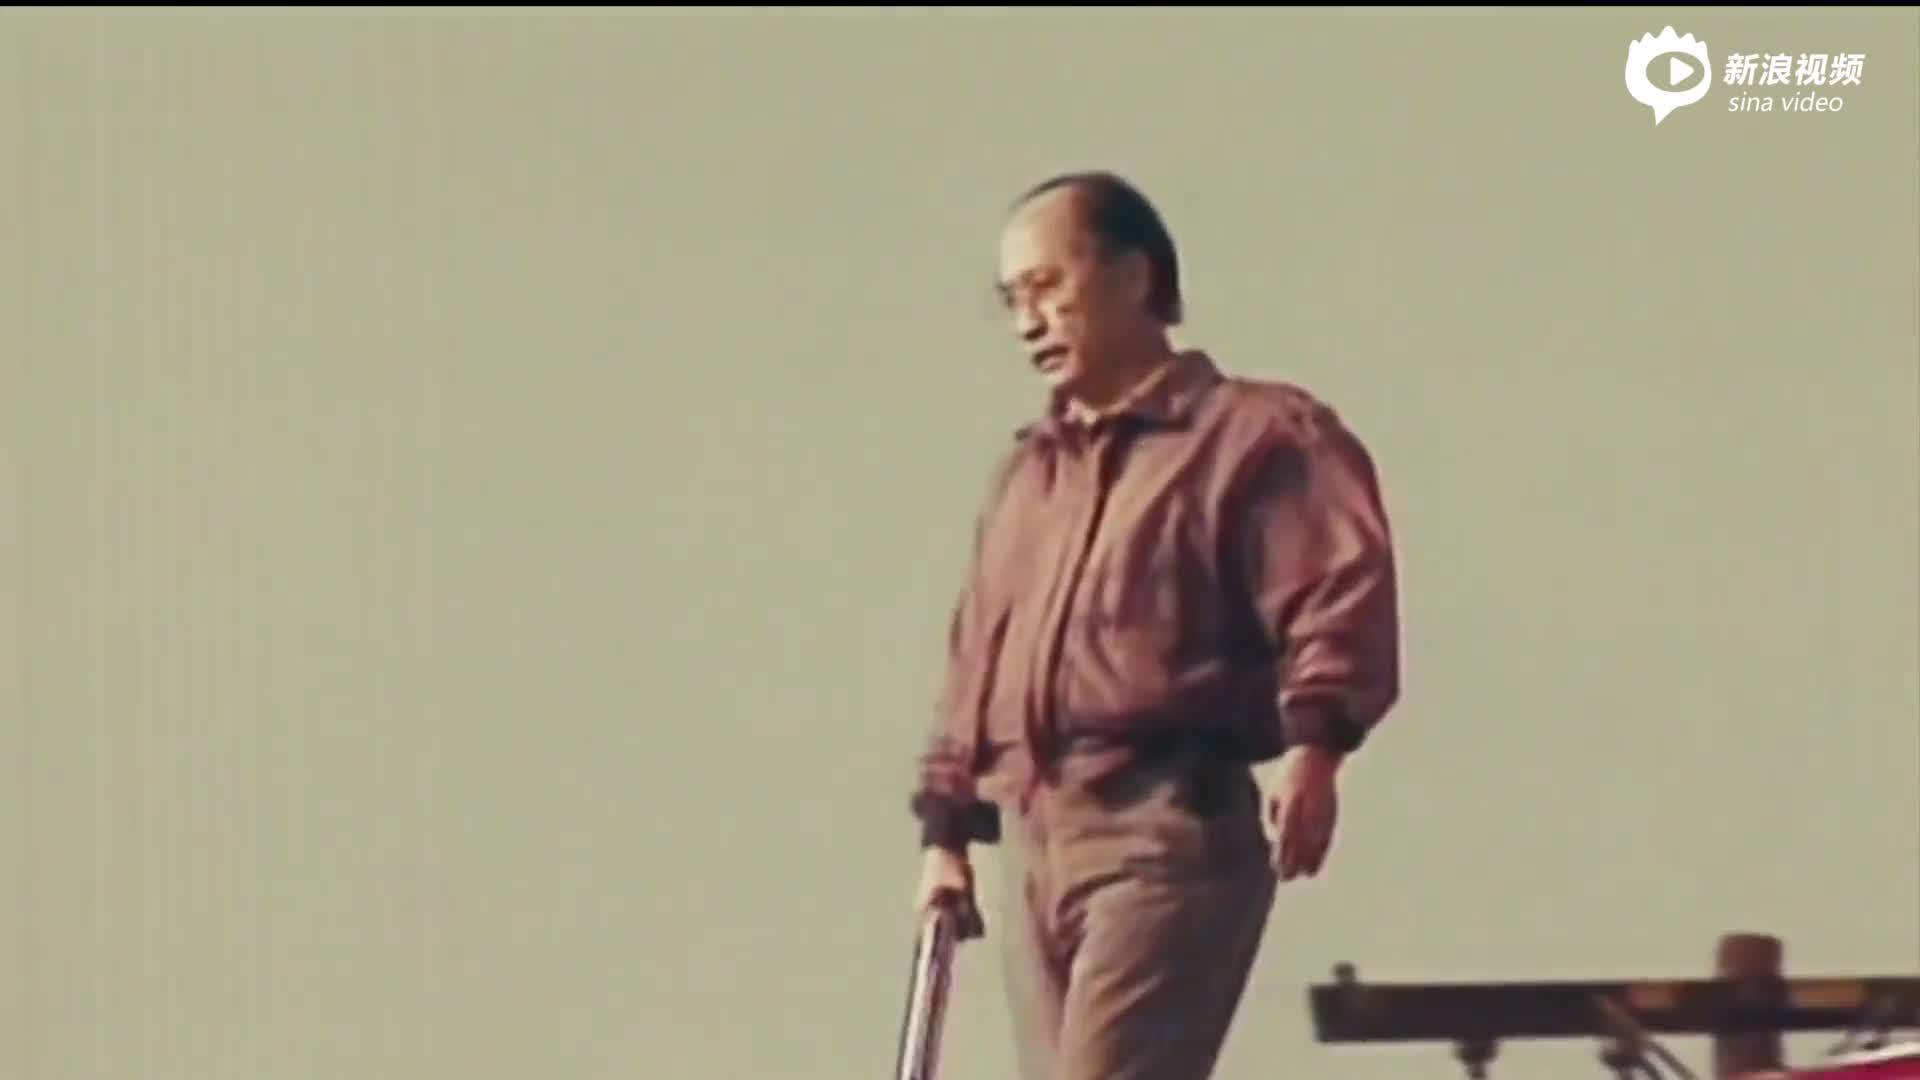 视频回顾1992年洛杉矶大暴动:屋顶上的韩国人